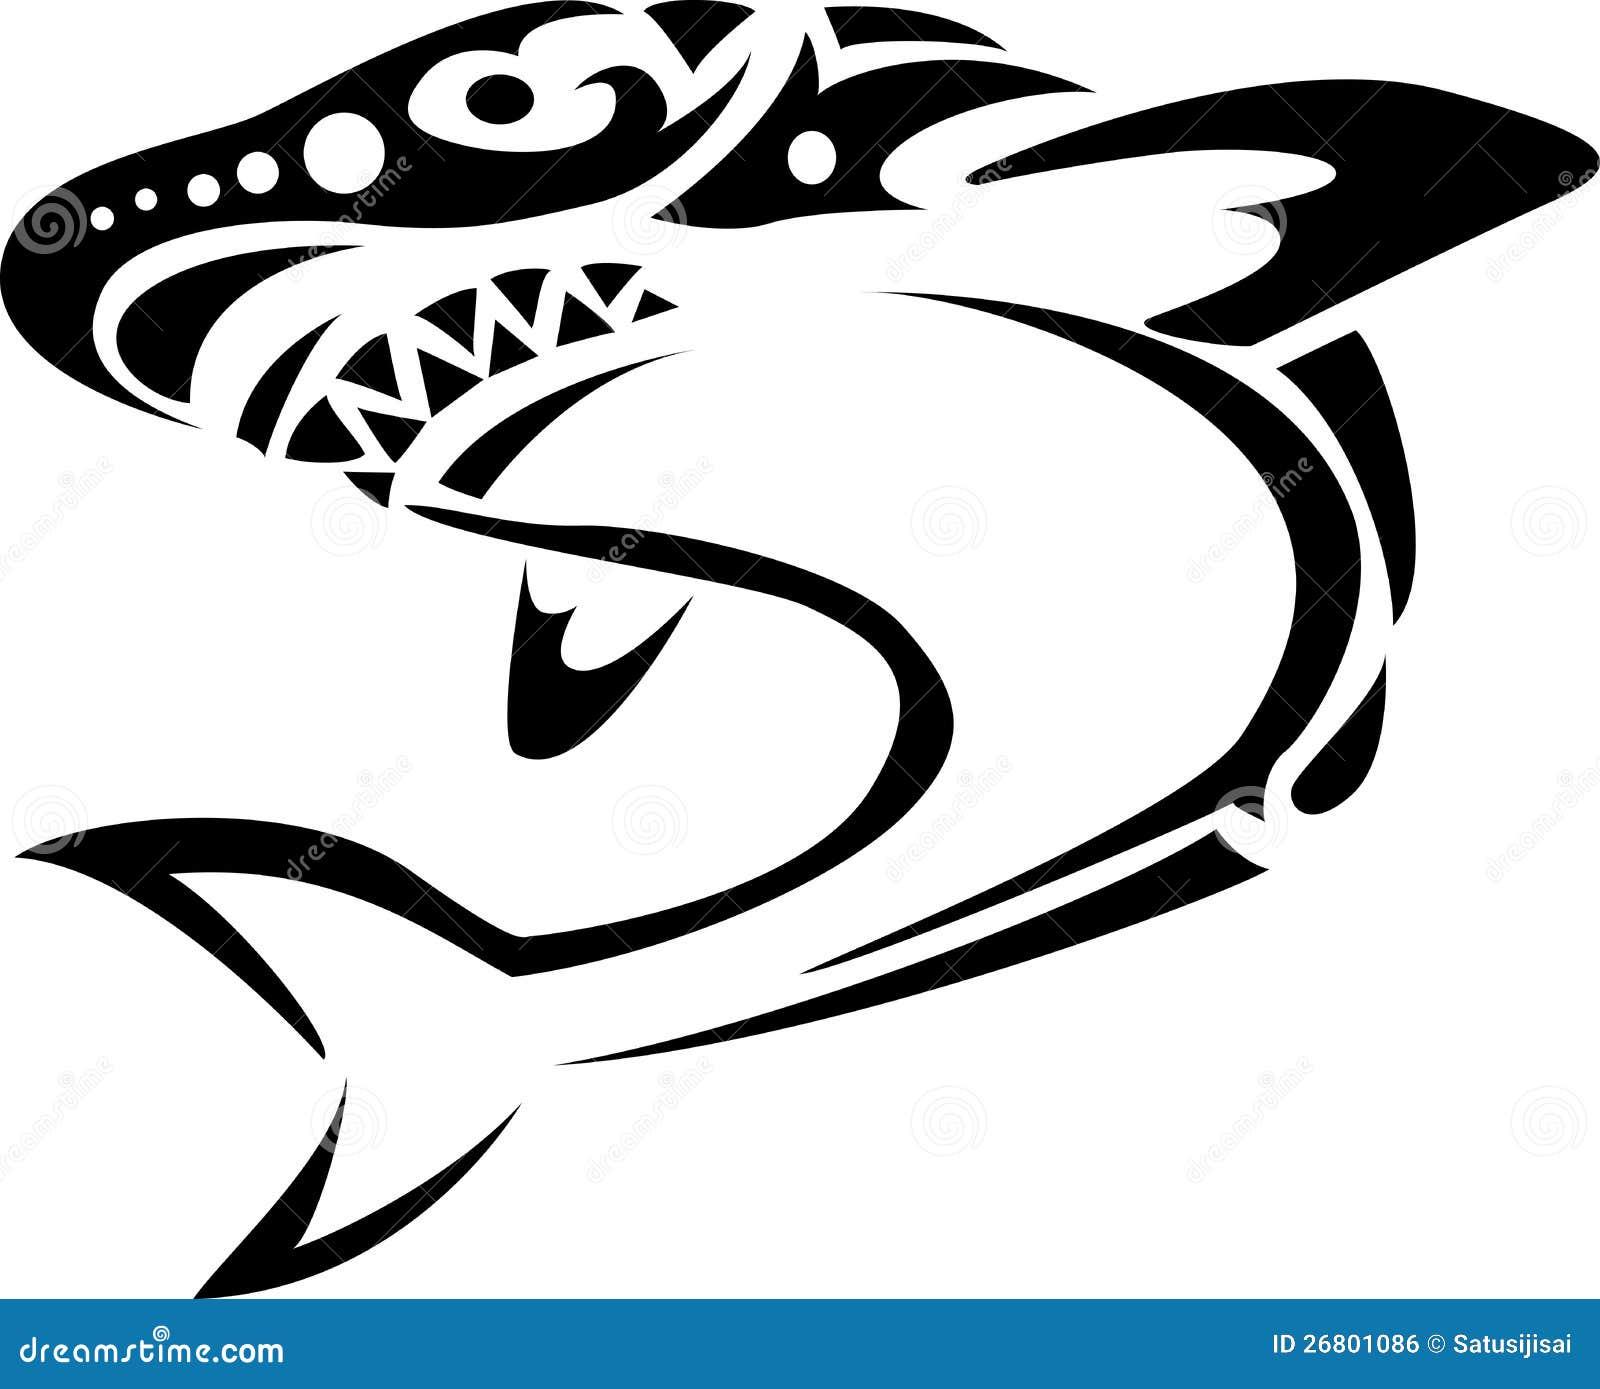 Tatuaje del tiburón stock de ilustración. Ilustración de negro ...